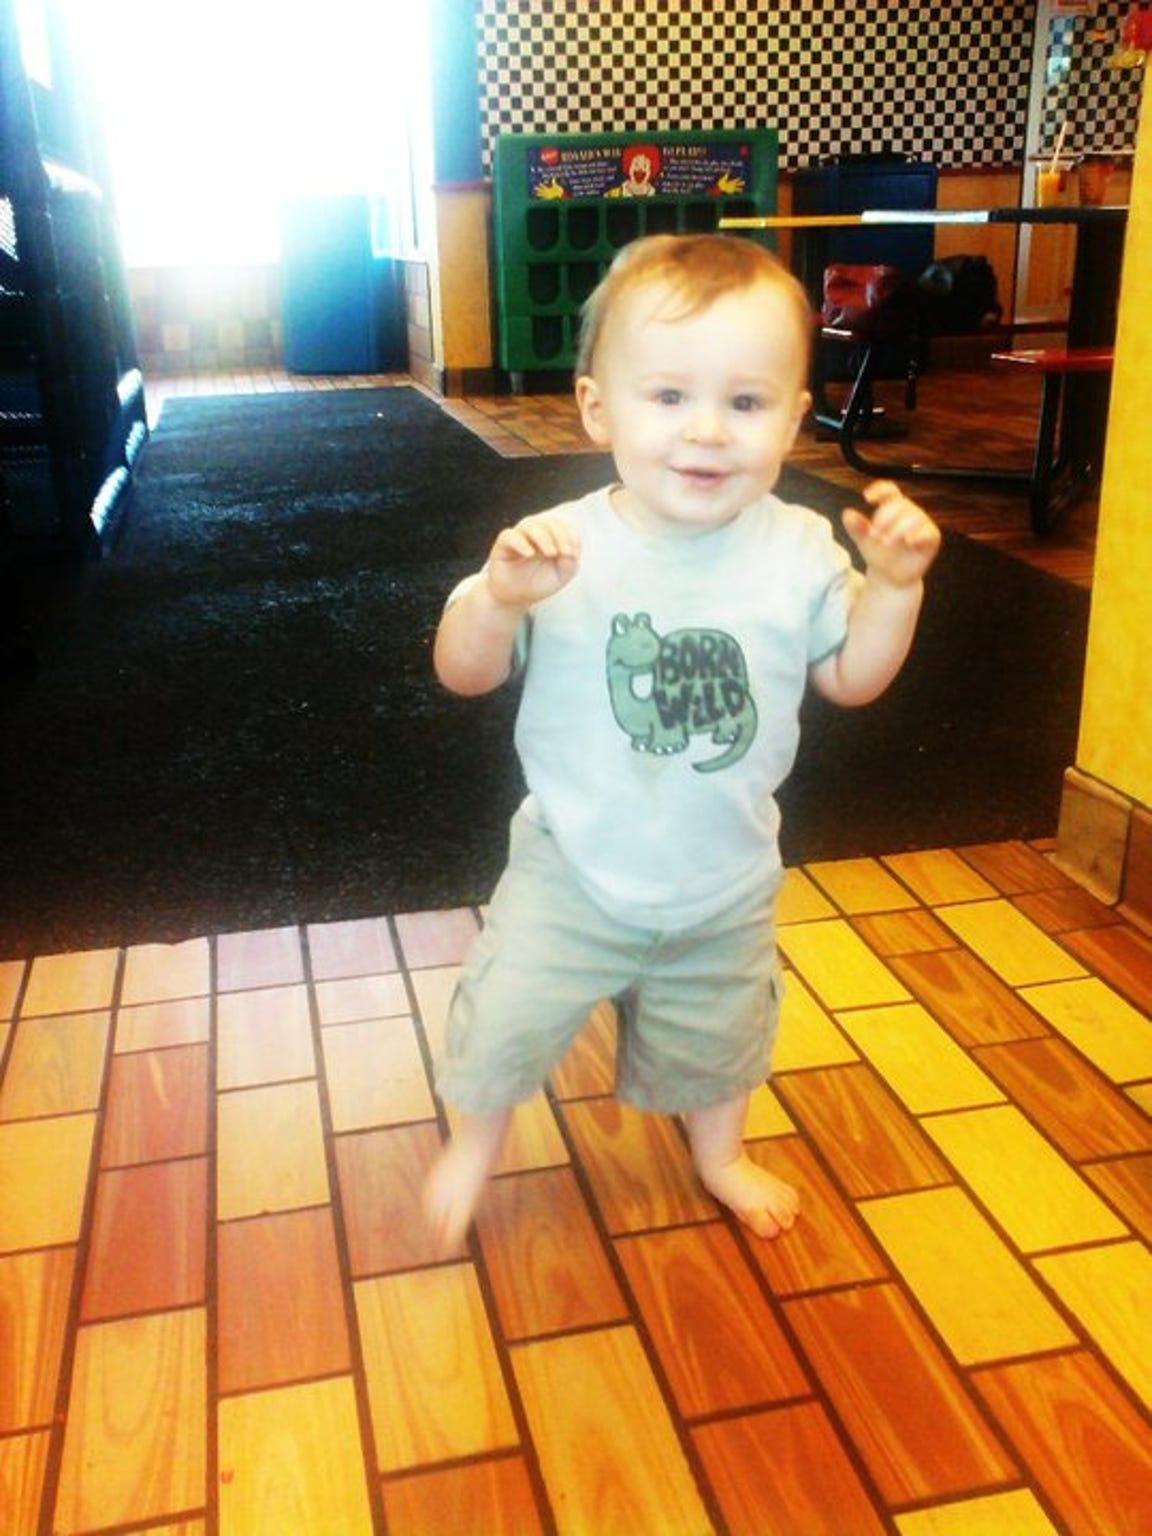 Jayden was a healthy and happy baby.